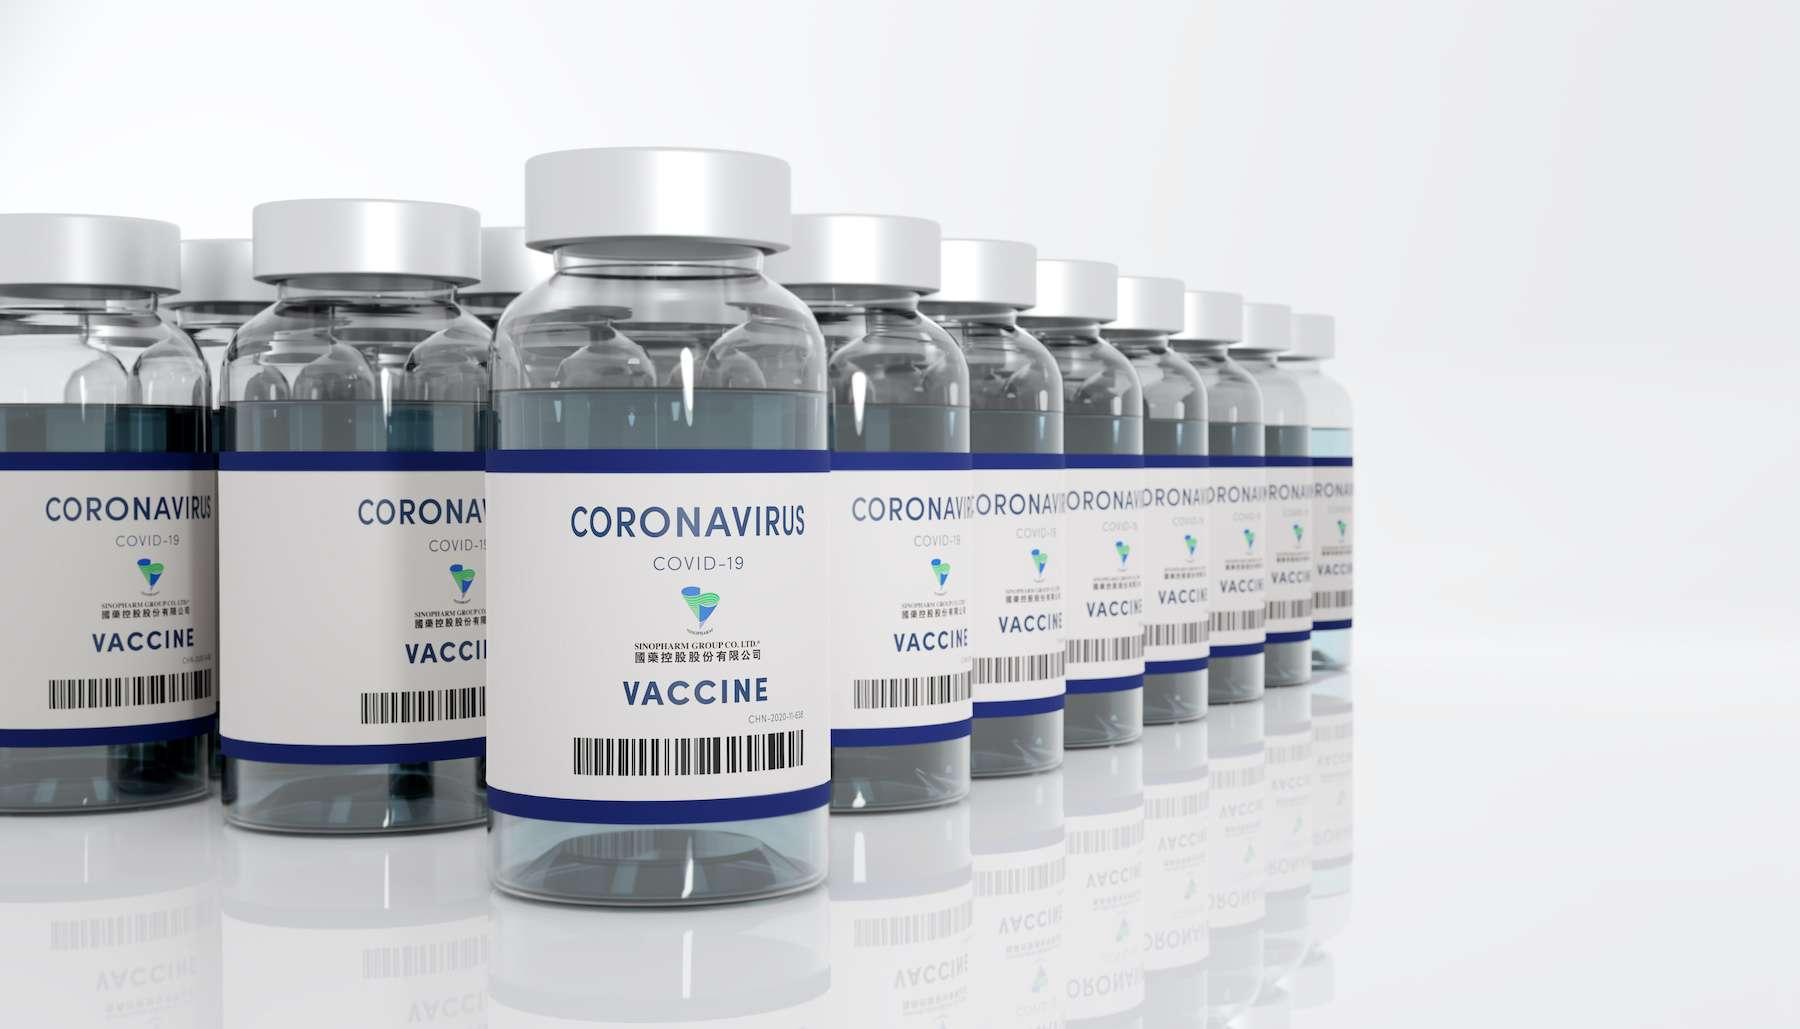 fa9191672b_50170406_vaccin-sinopharm-photogranary-adobe-stock